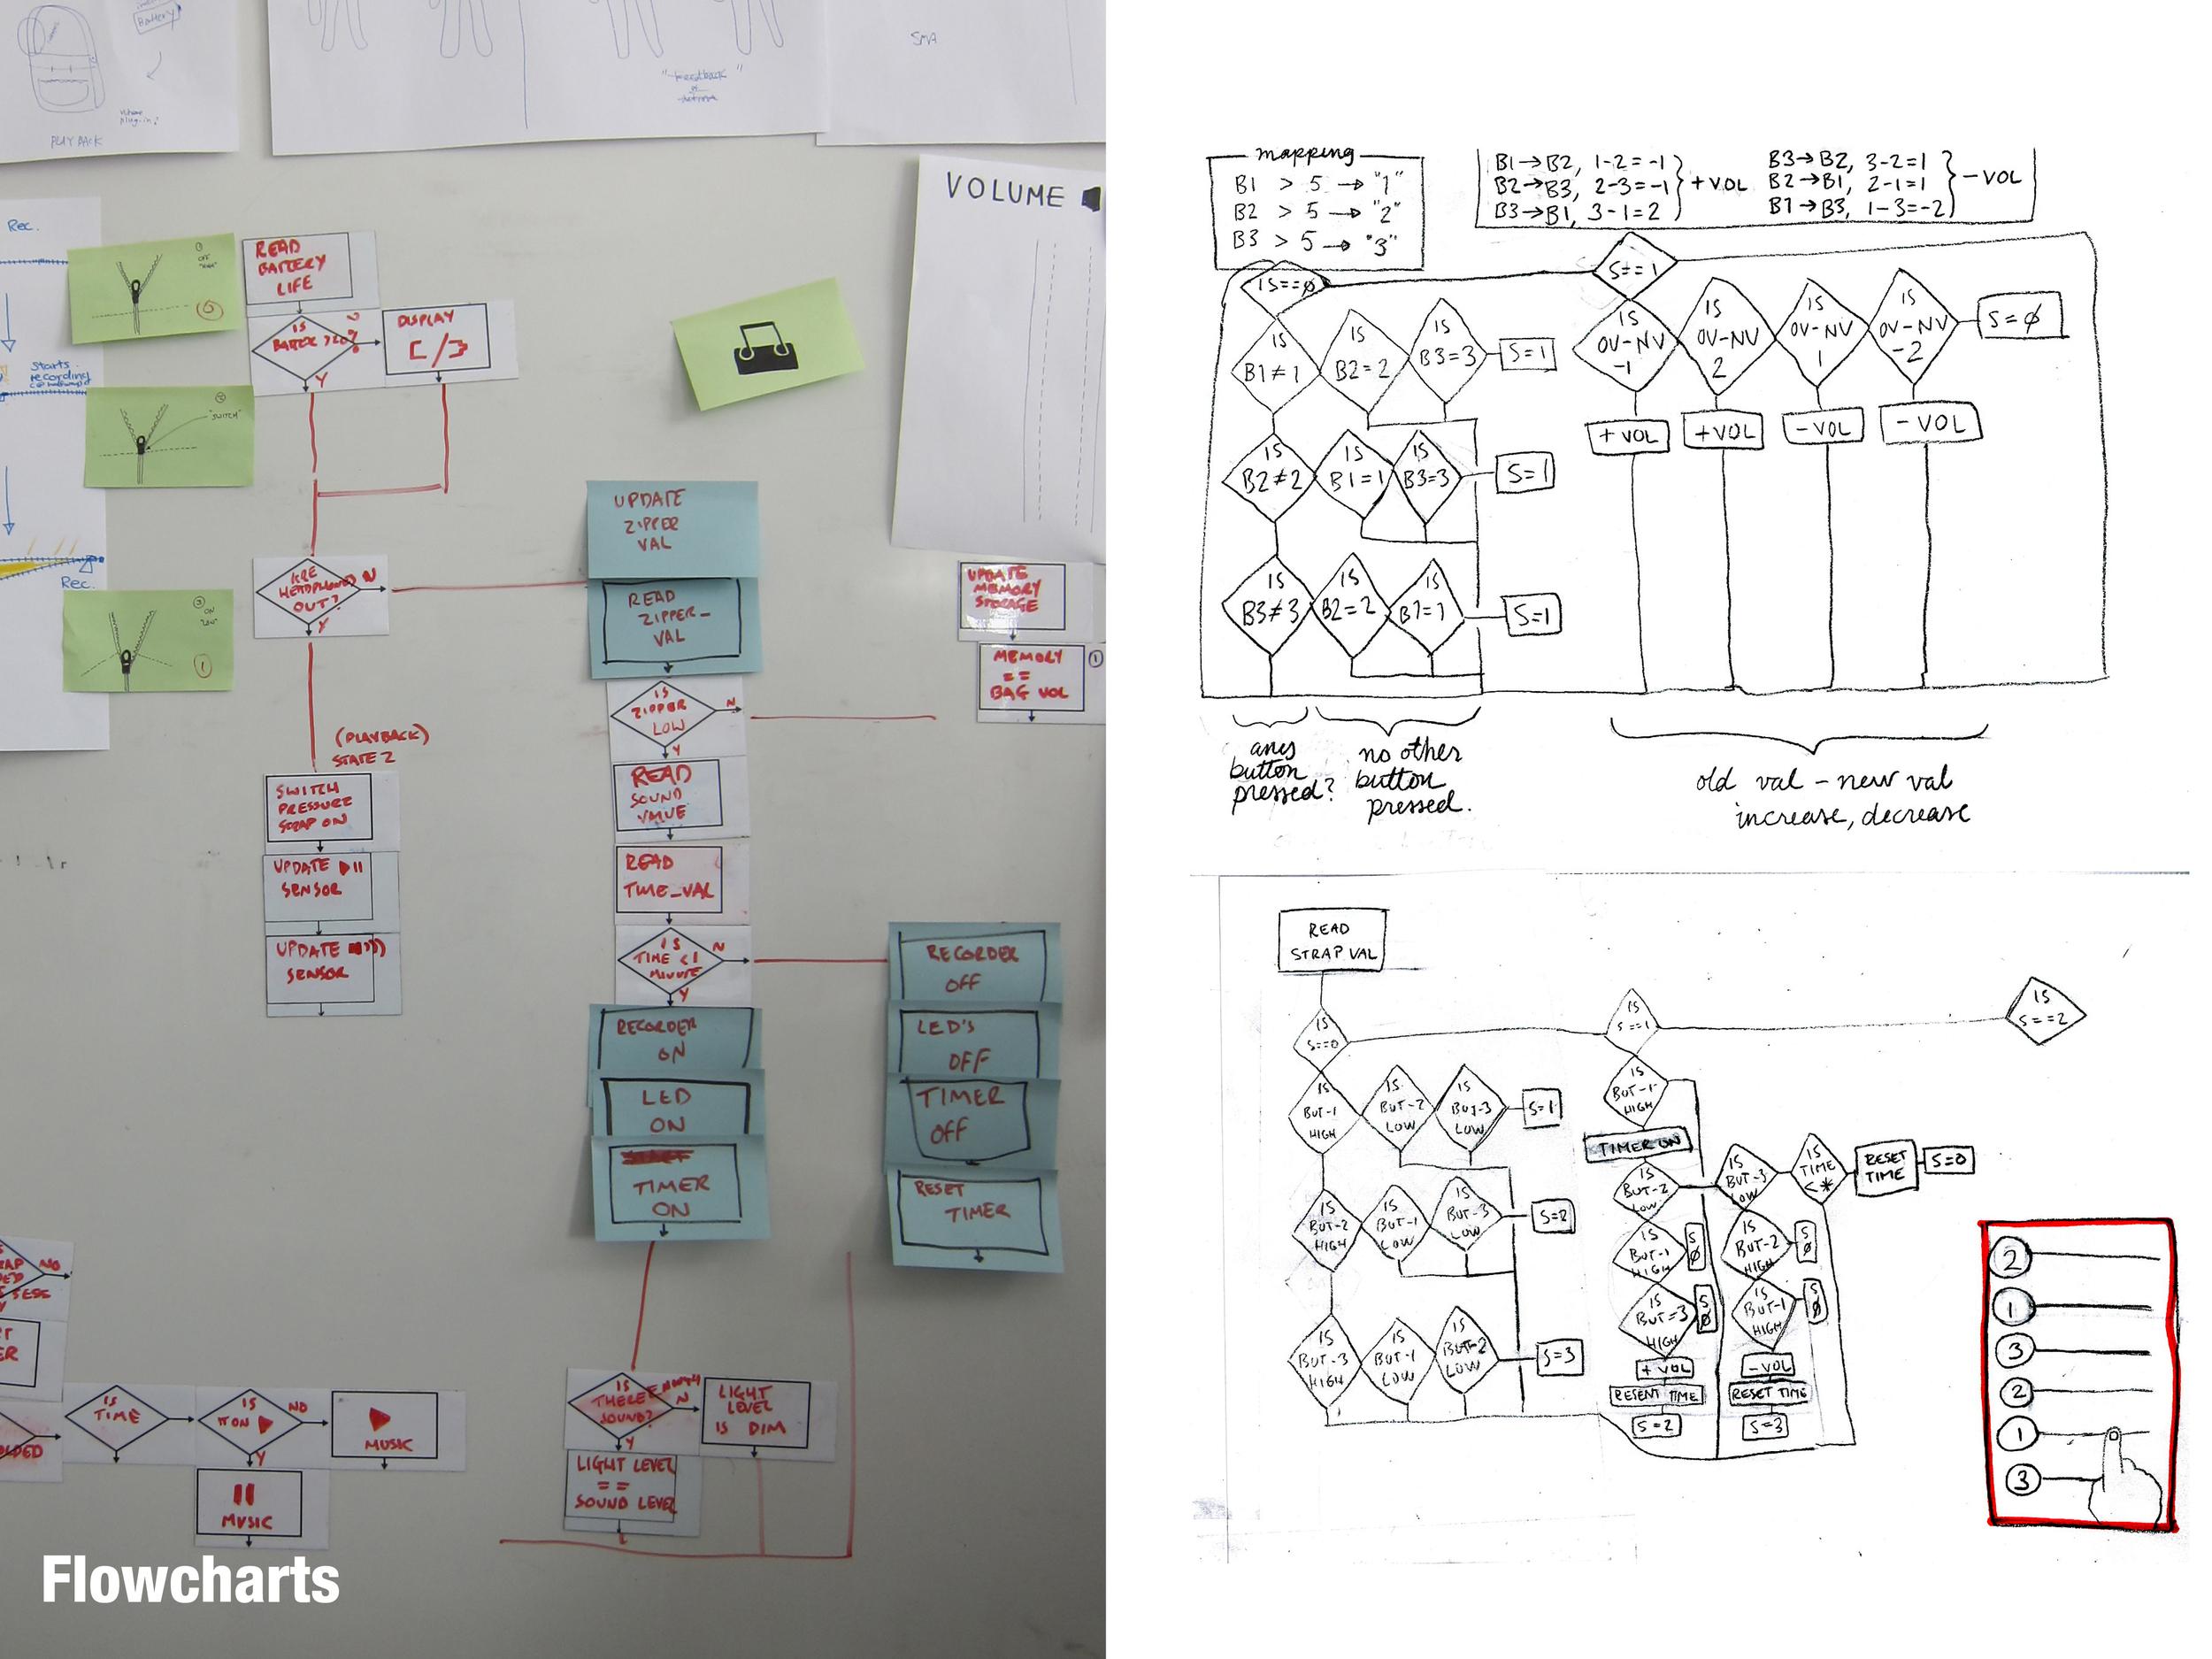 final_presentation_spellchecked37.jpg